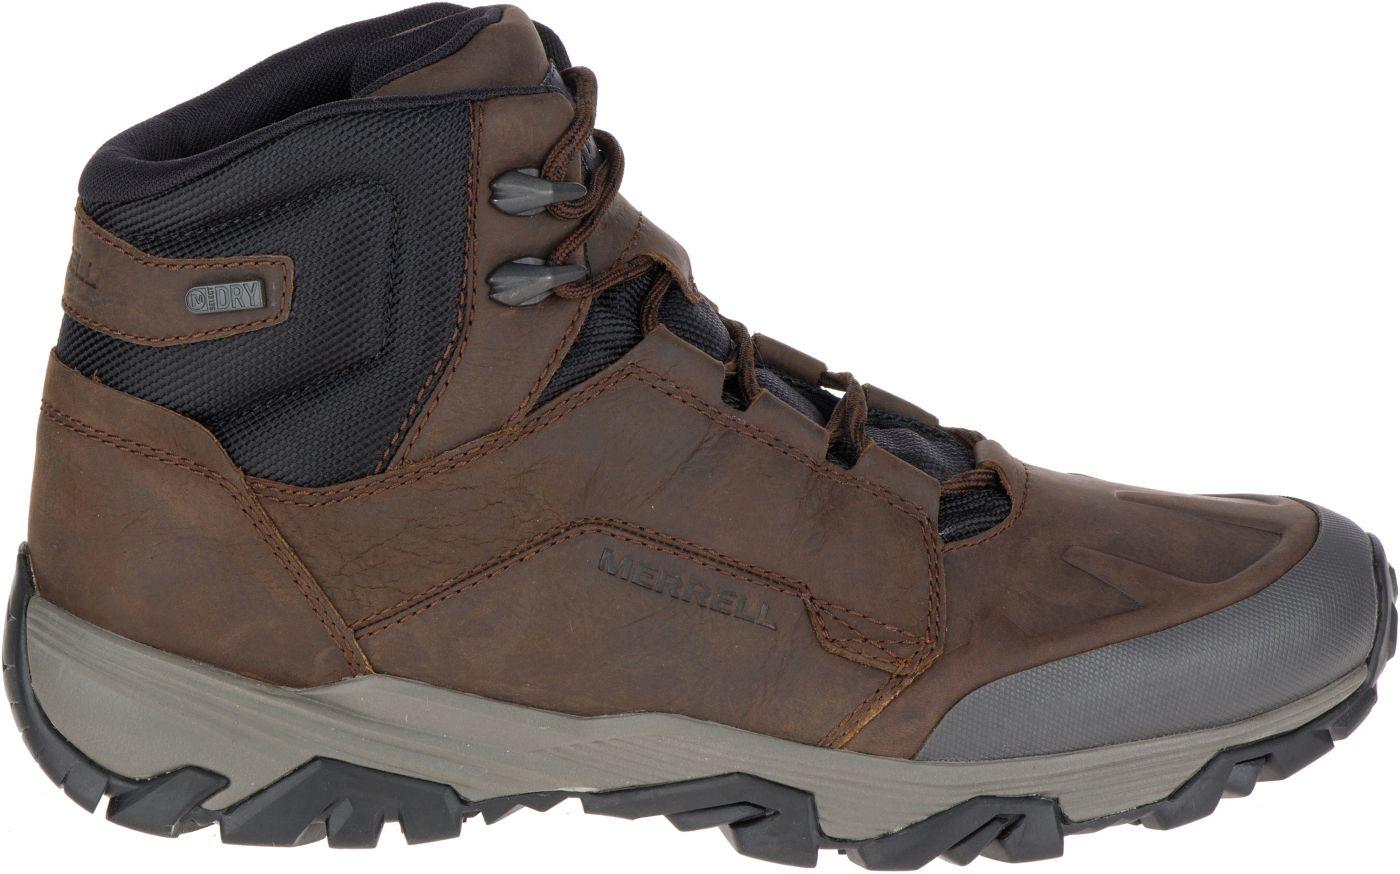 Merrell Men's Coldpack Ice+ Mid Waterproof Winter Boots